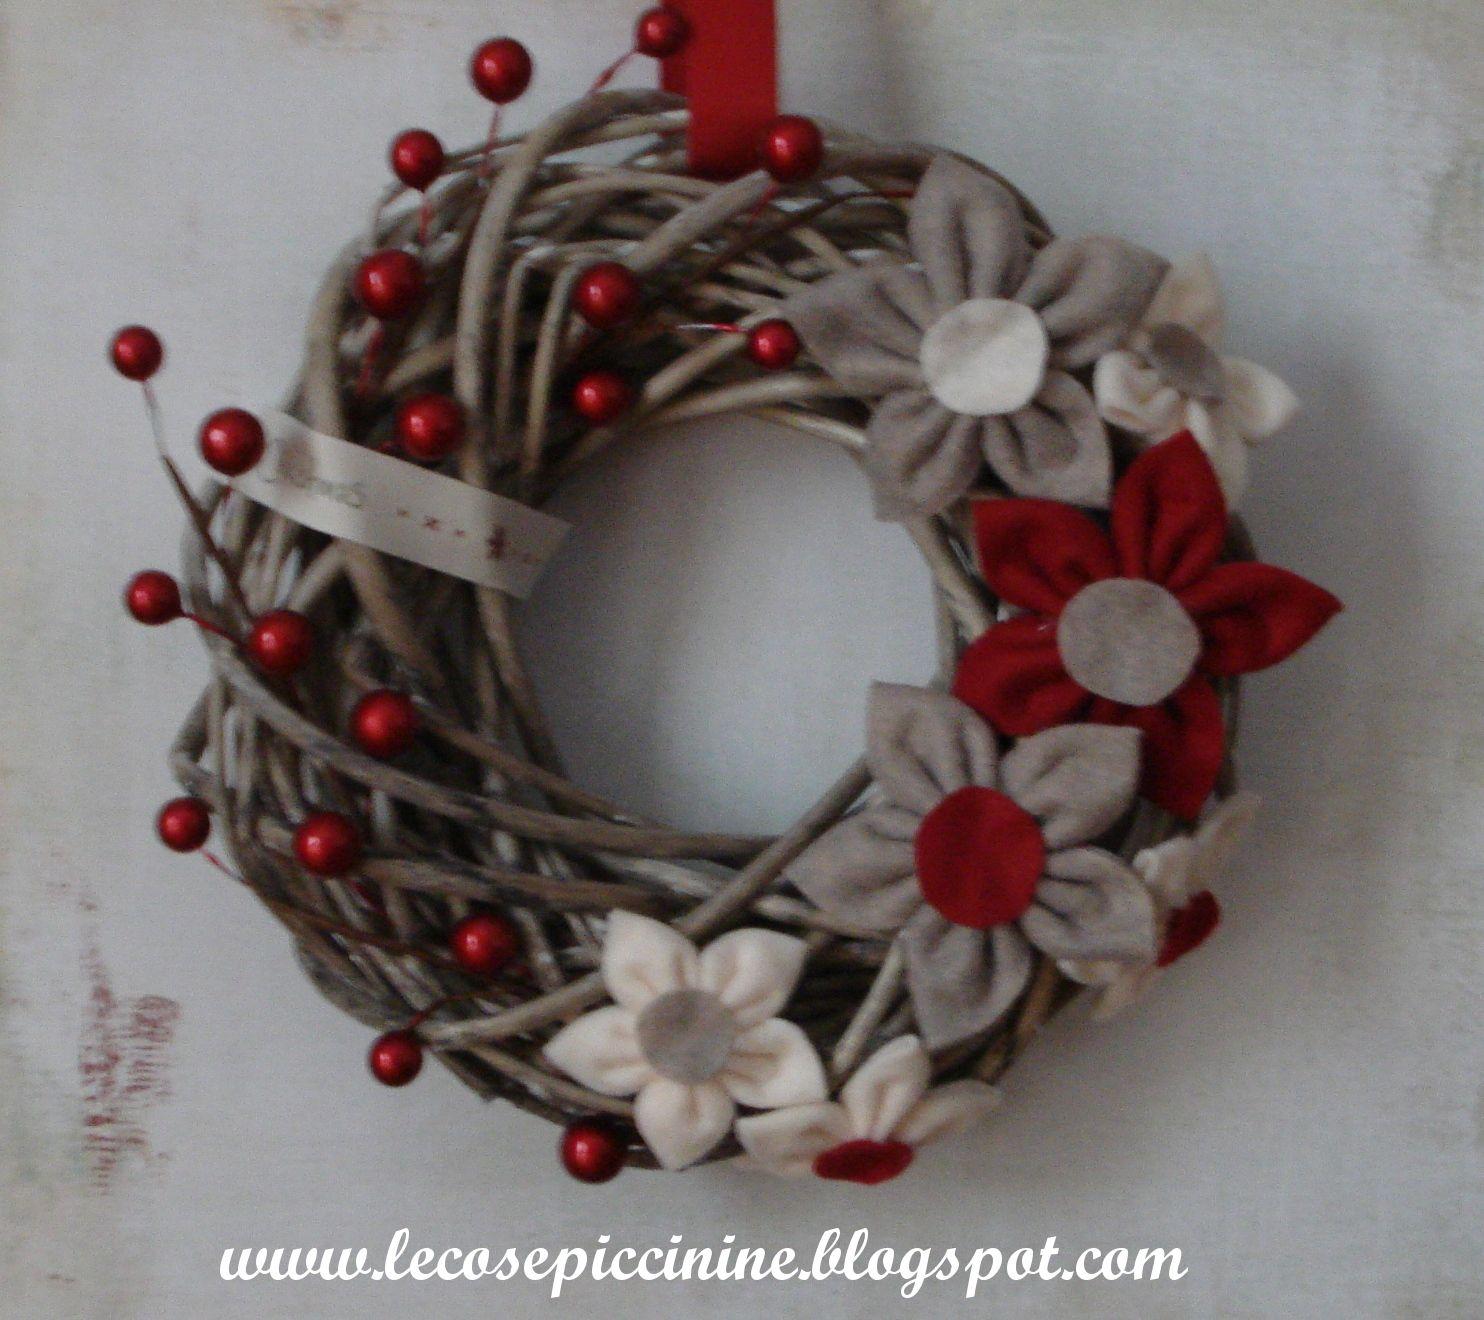 Le cose piccinine altra ghirlanda natalizia - Corone natalizie da appendere alla porta ...